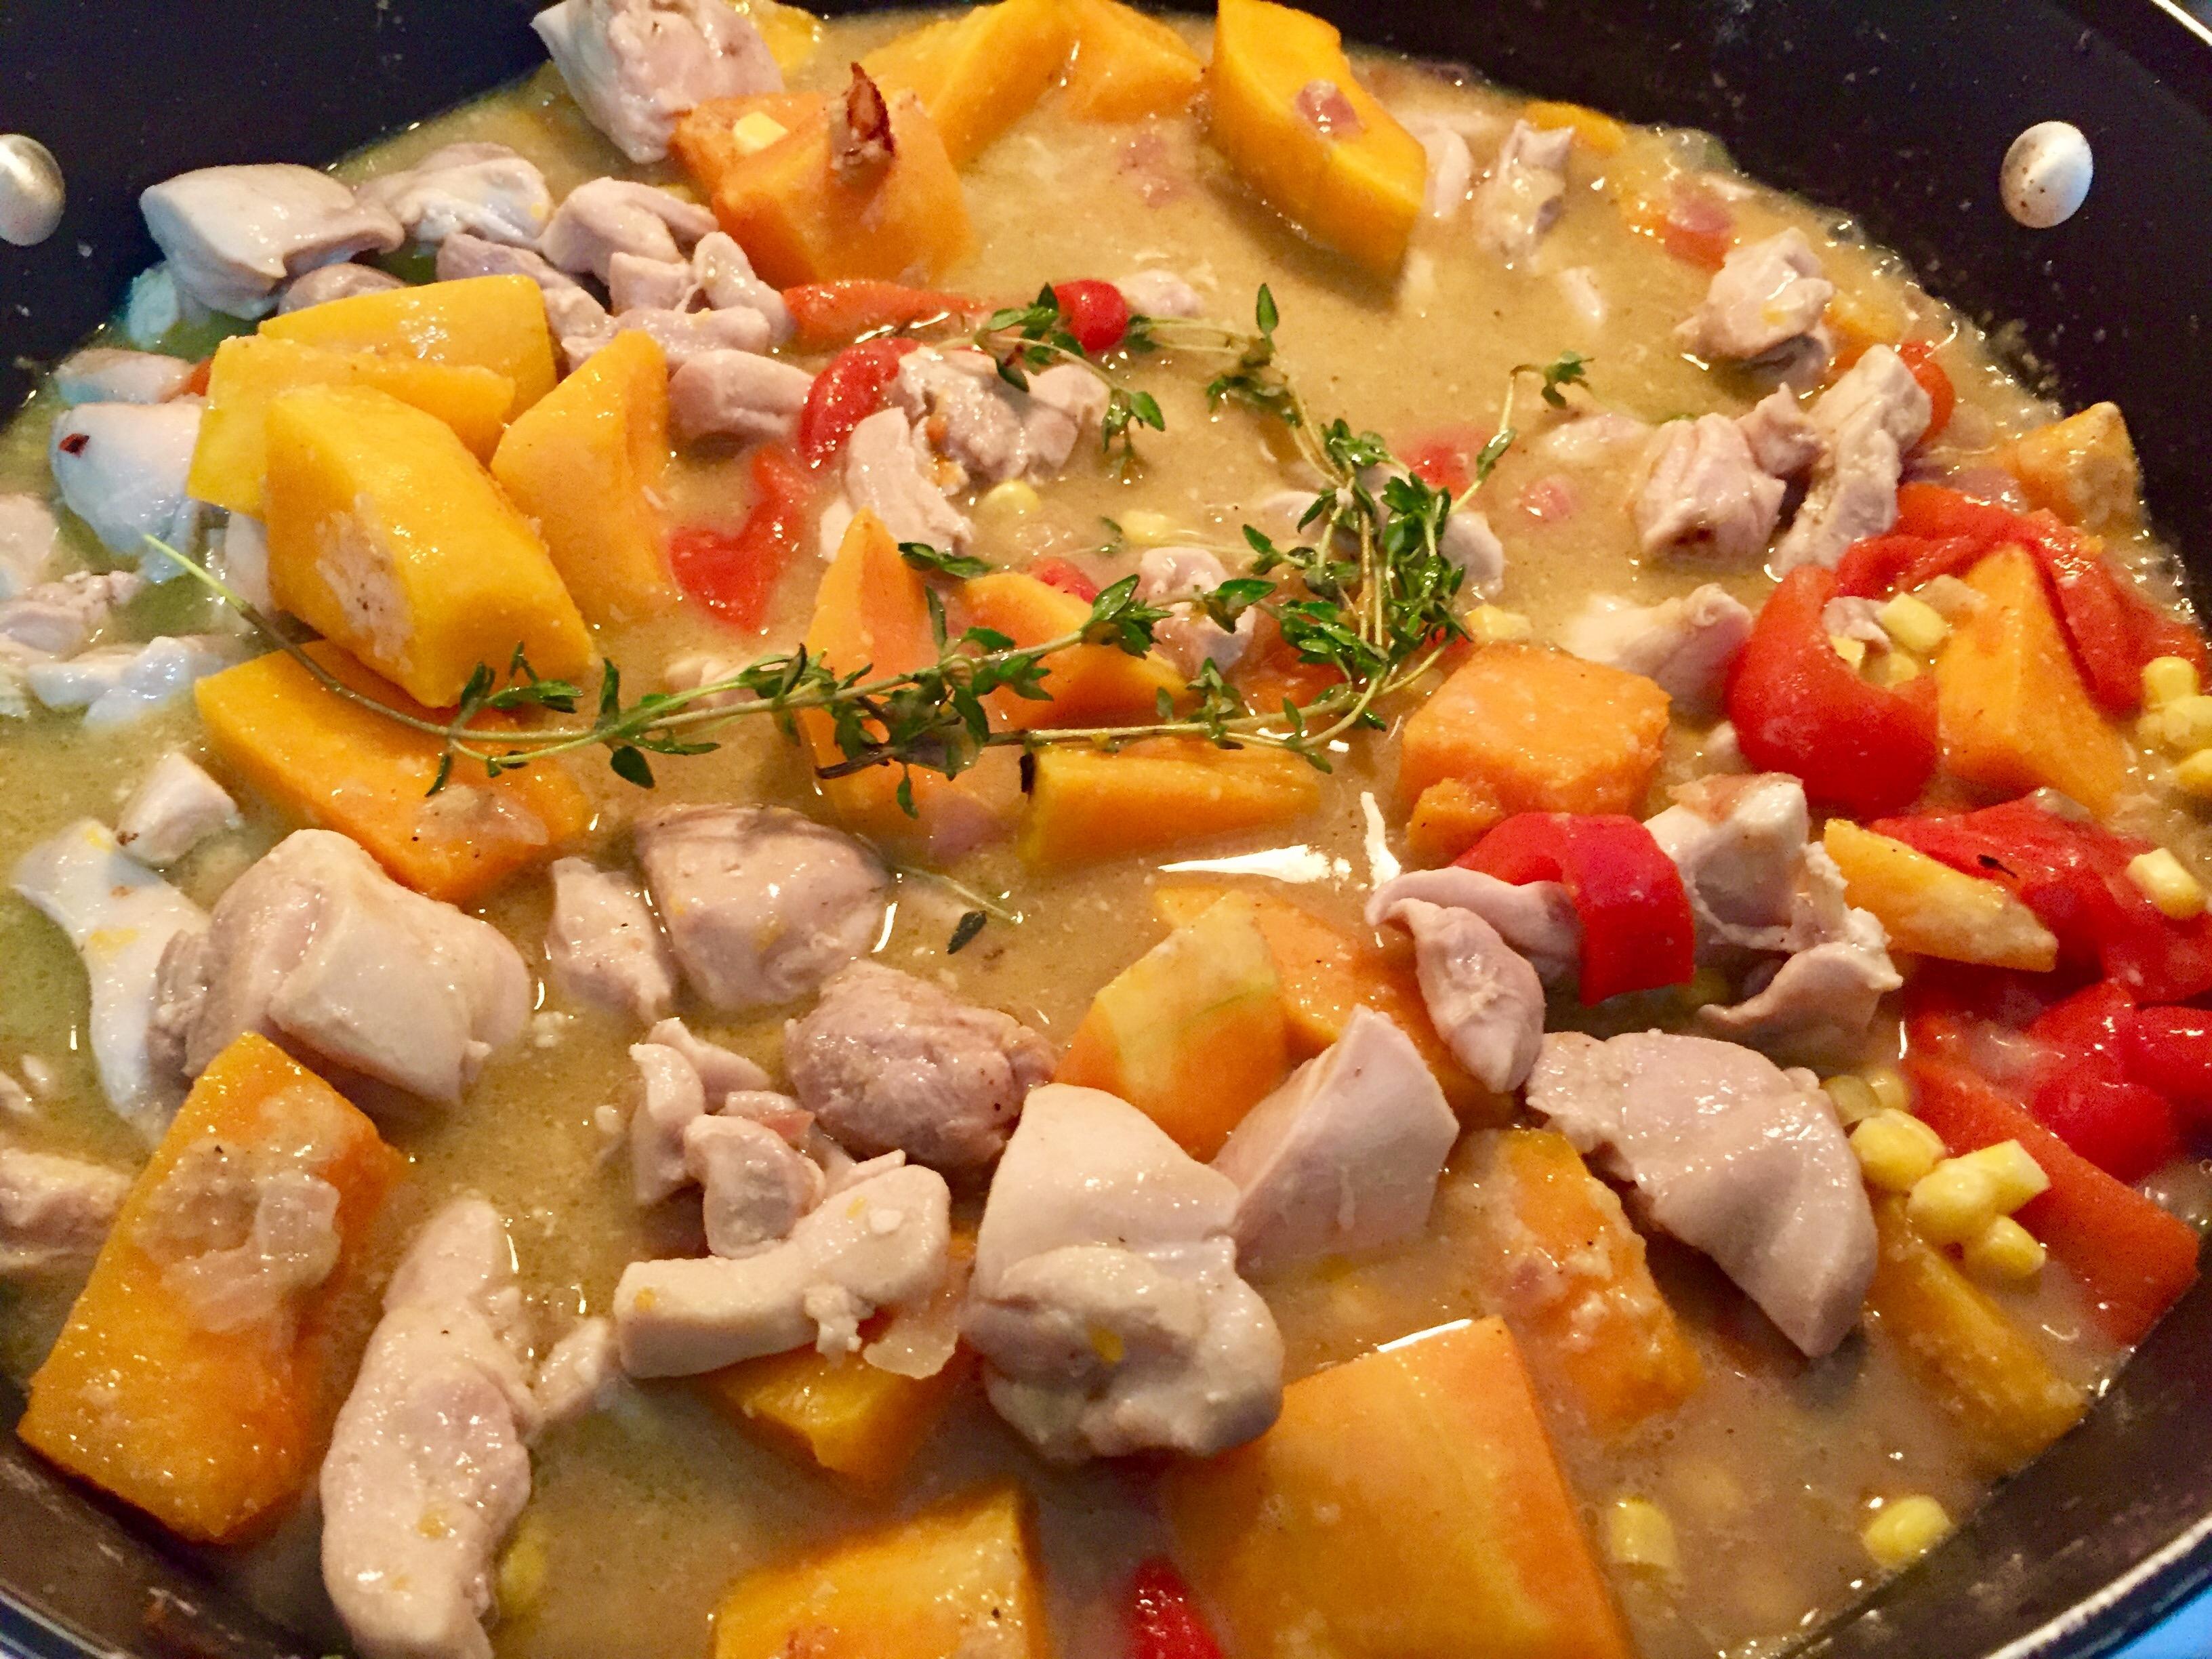 Chicken & butternut squash corn chowder